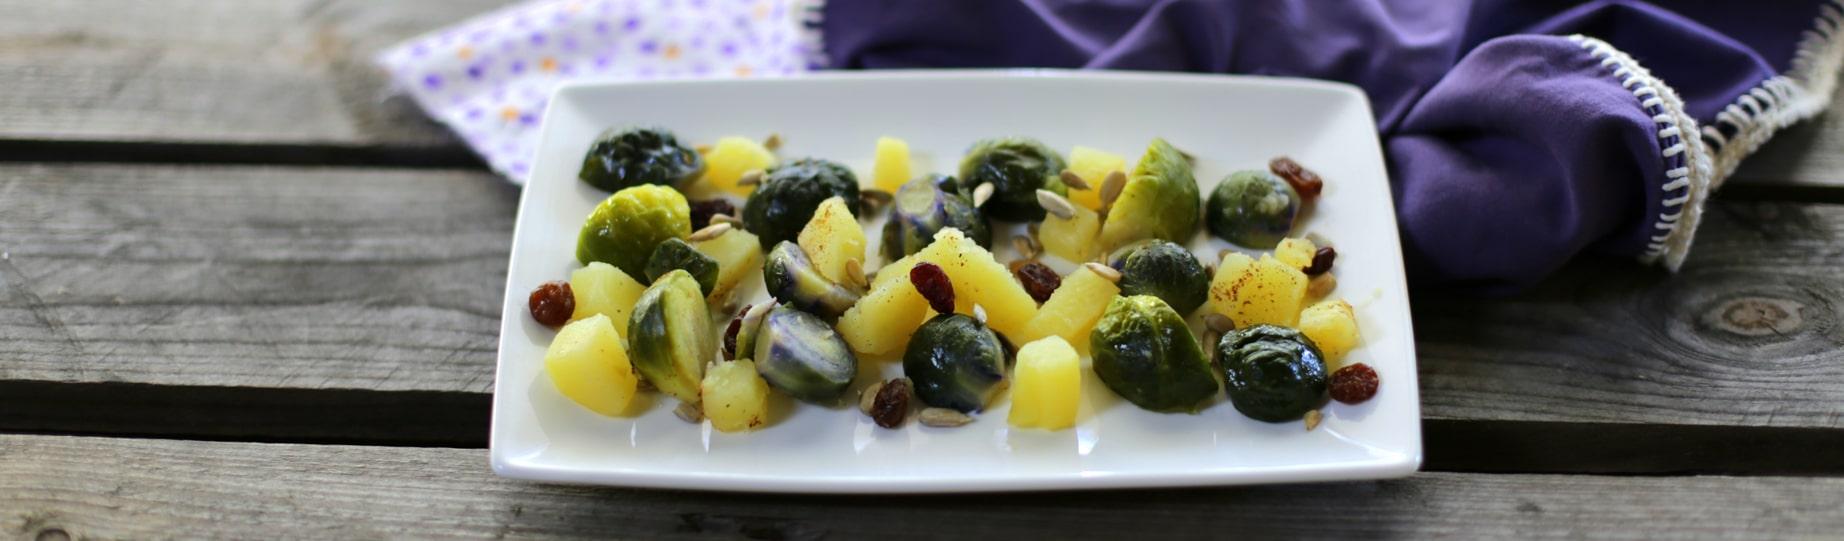 Insalata tiepida di cavoletti di bruxelles con uvetta e semi di girasole